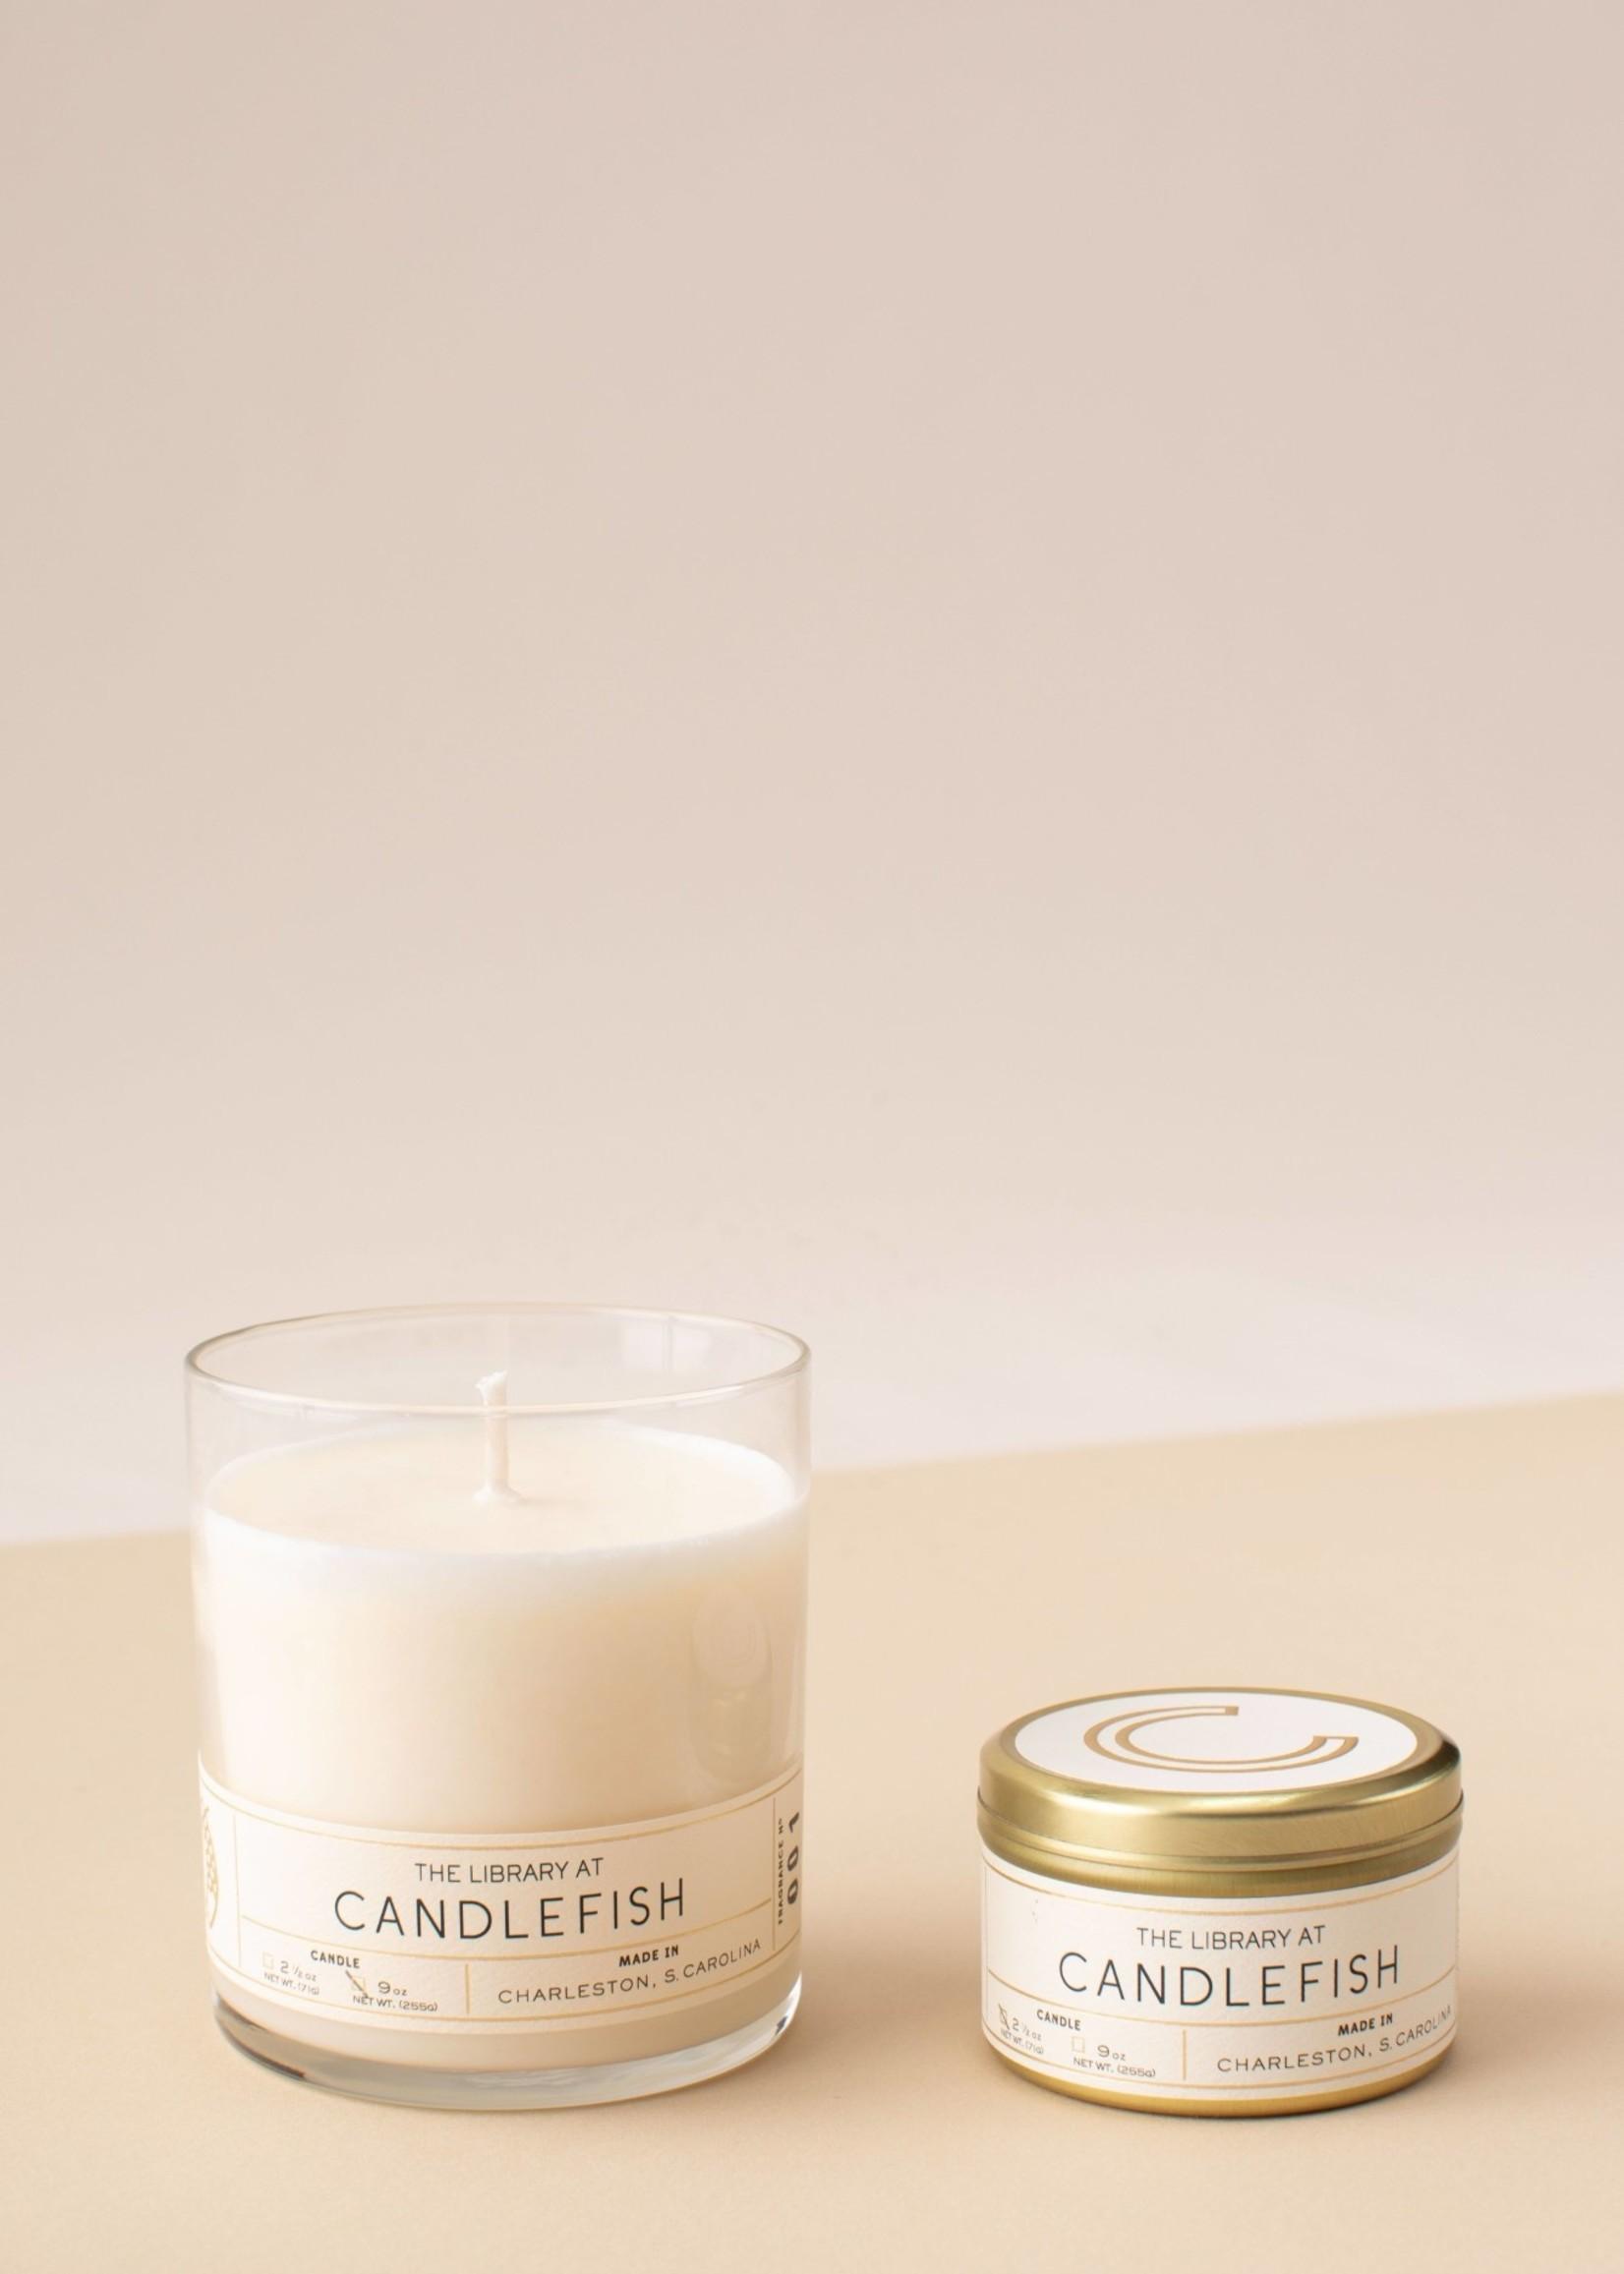 Candlefish No 82 - 9 oz Jar